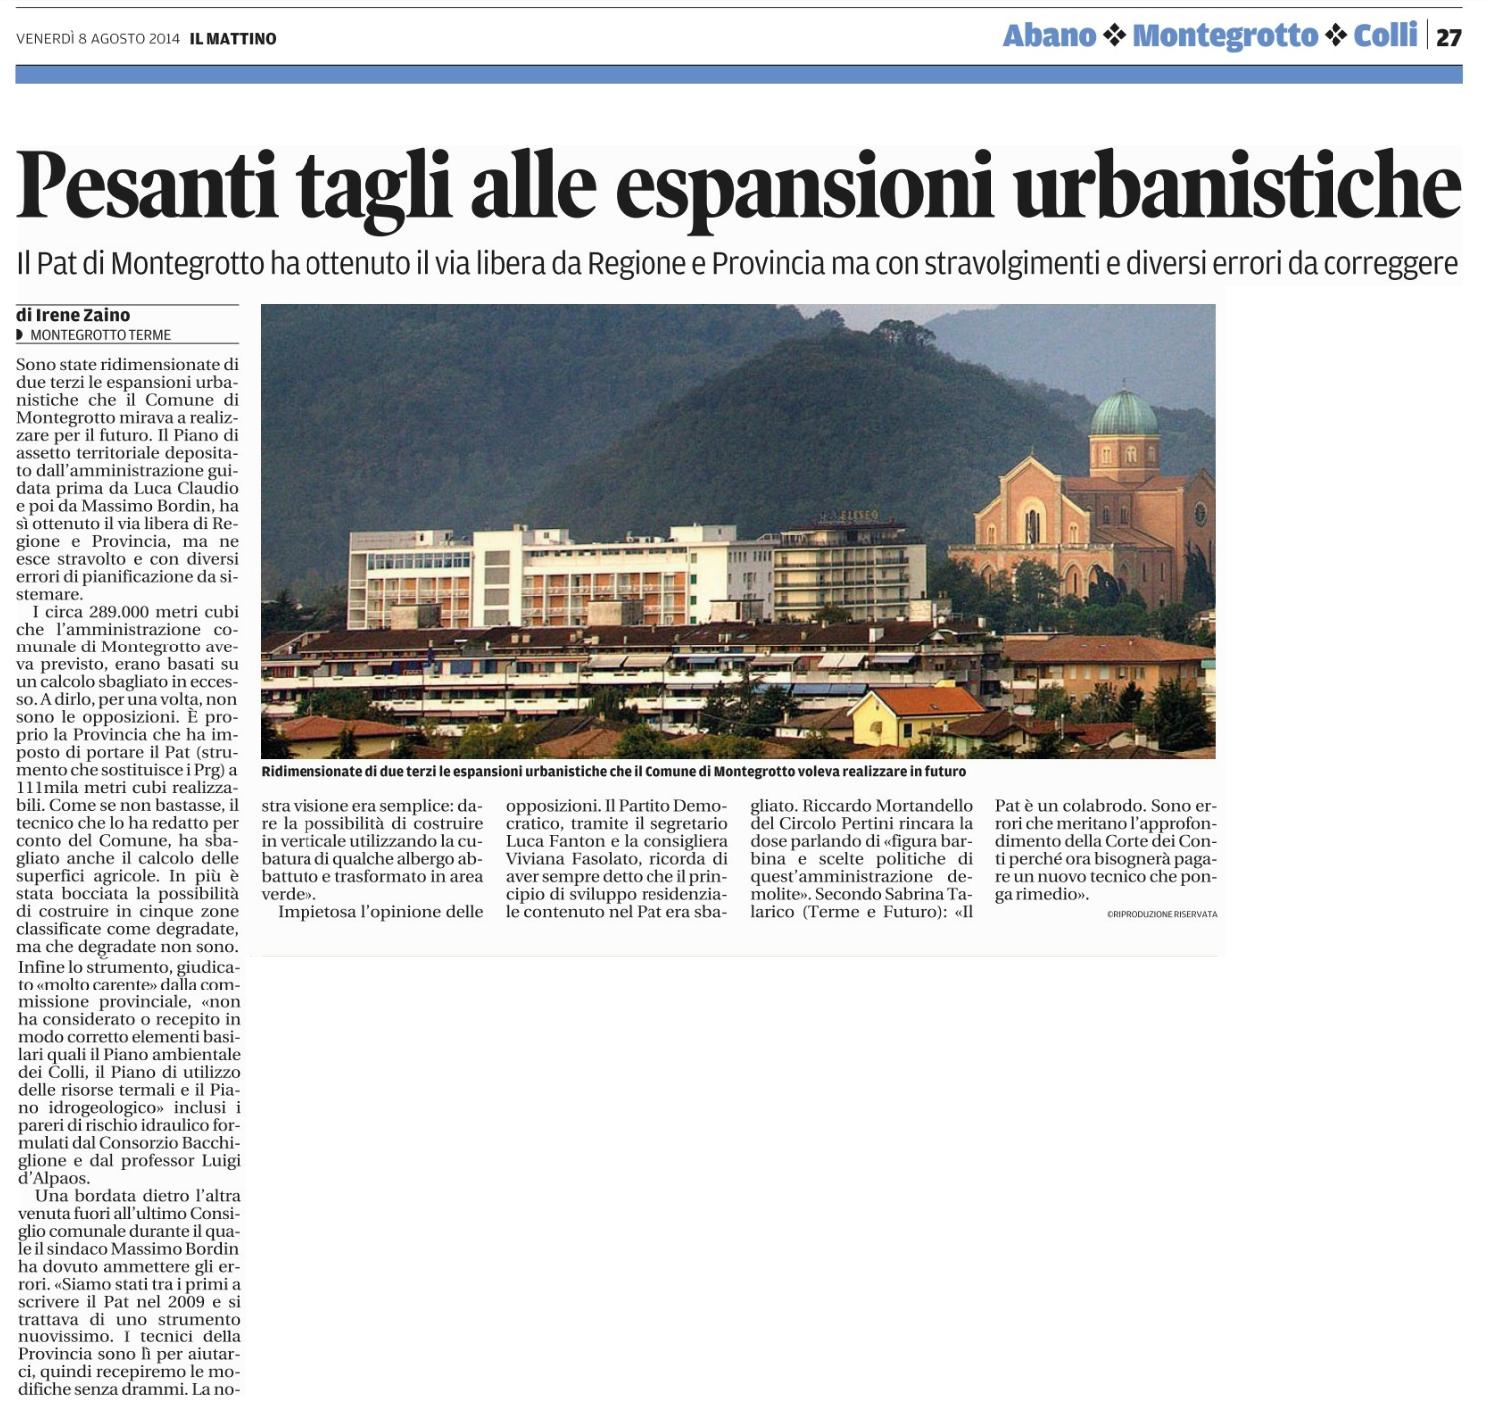 pesanti tagli alle espansioni urbanistiche Montegrotto Terme